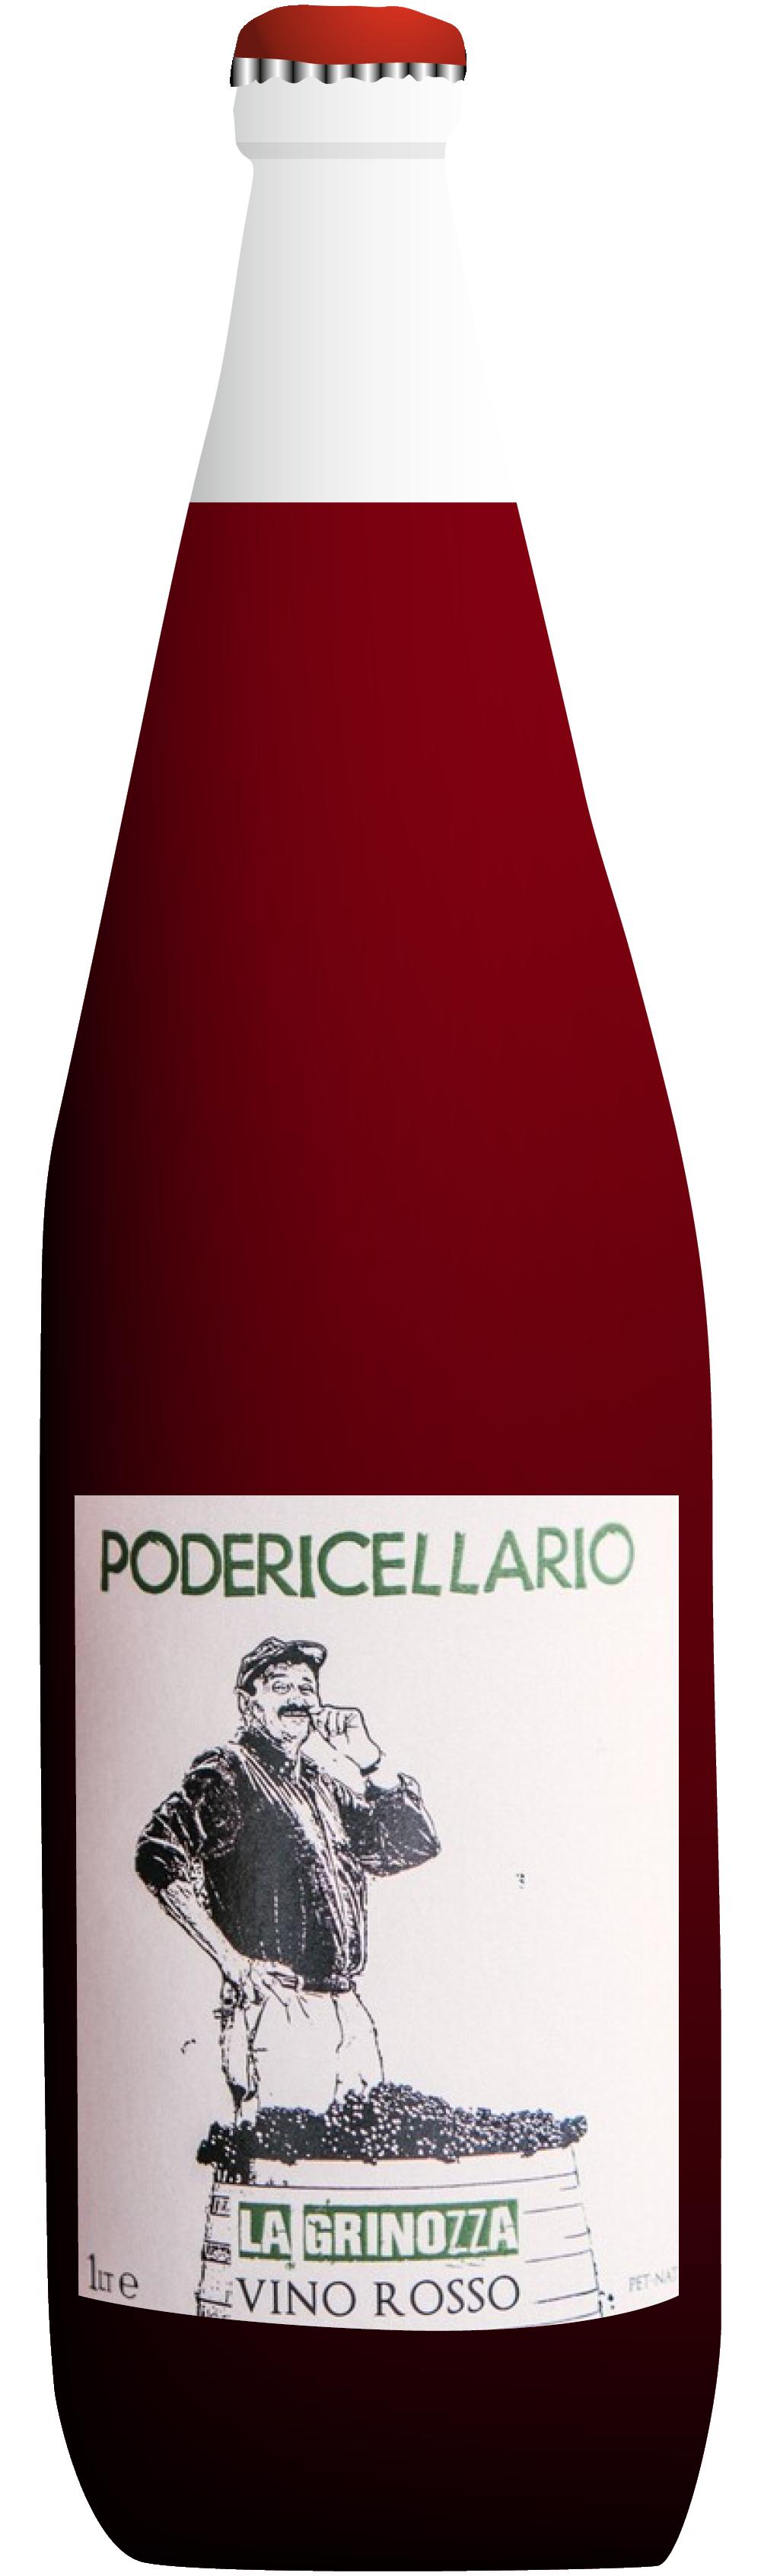 the natural wine company club may 2021 italy poderi cellario la grinozza 2020